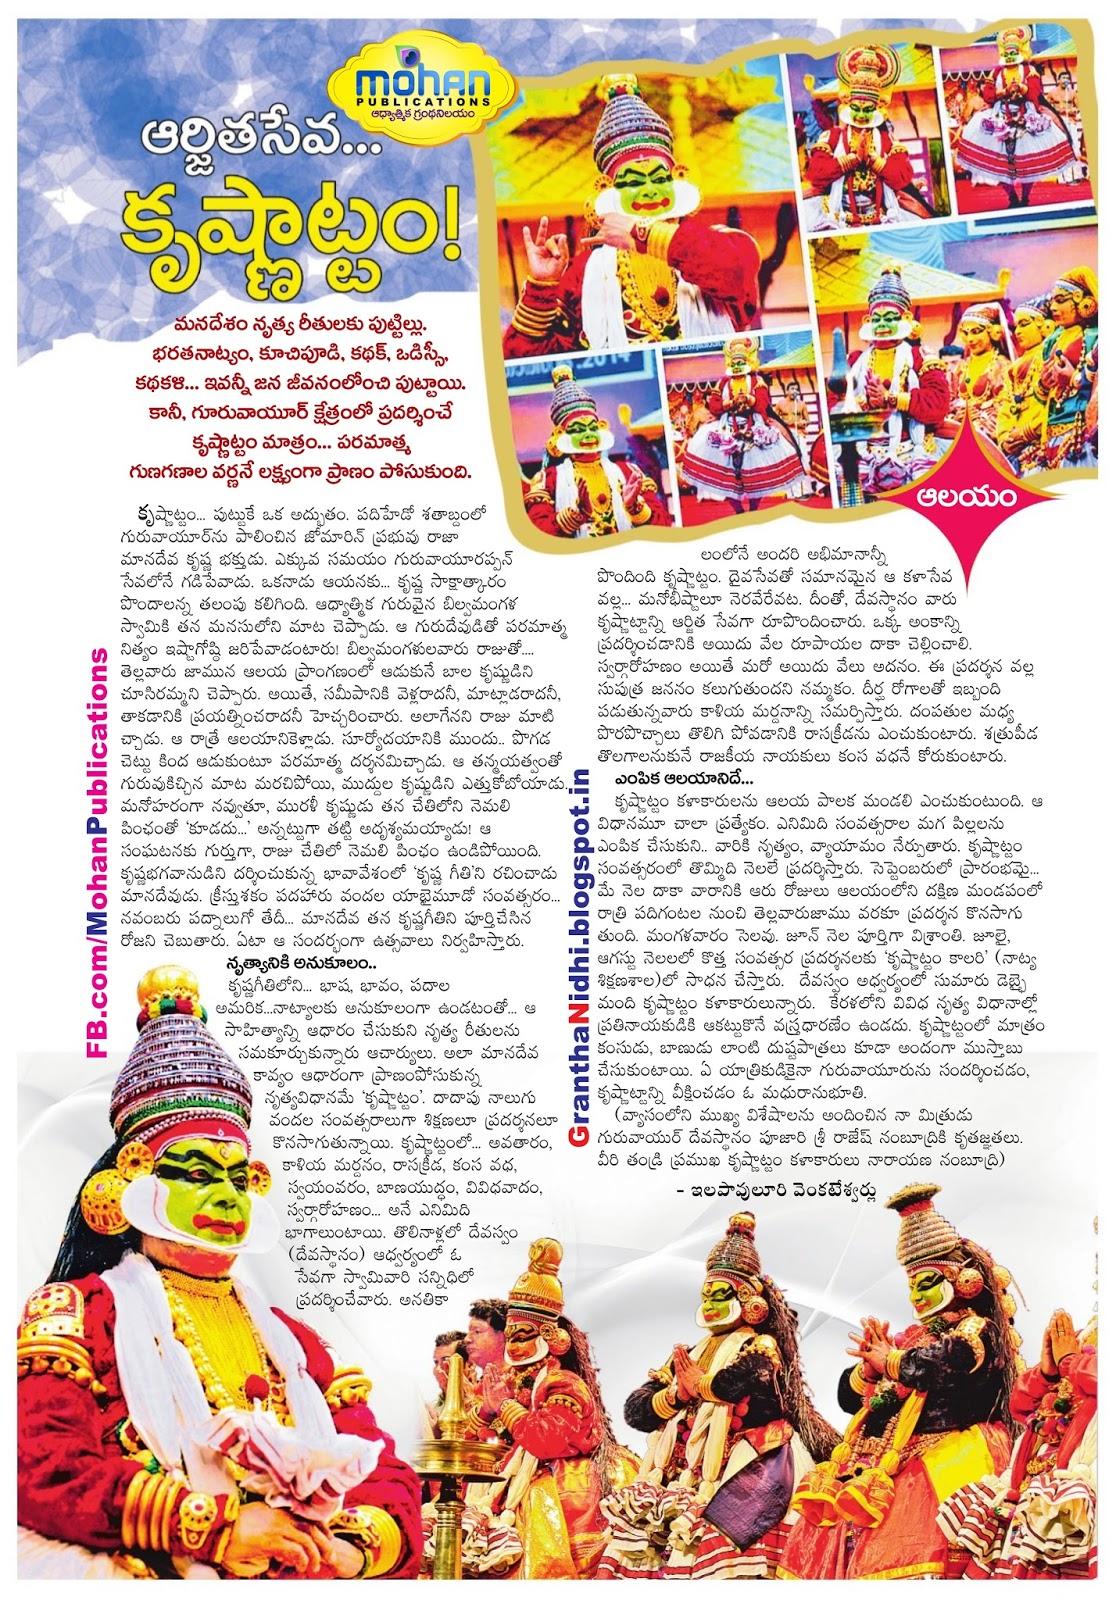 ఆర్జిత సేవ క్రిష్ణాట్టం Krishnanattam TempleArtInKerala KeralaDance CulturalDanceInKerala TraditionalDance BhakthiPustakalu BhaktiPustakalu Bhakthi Pustakalu Bhakti Pustakalu